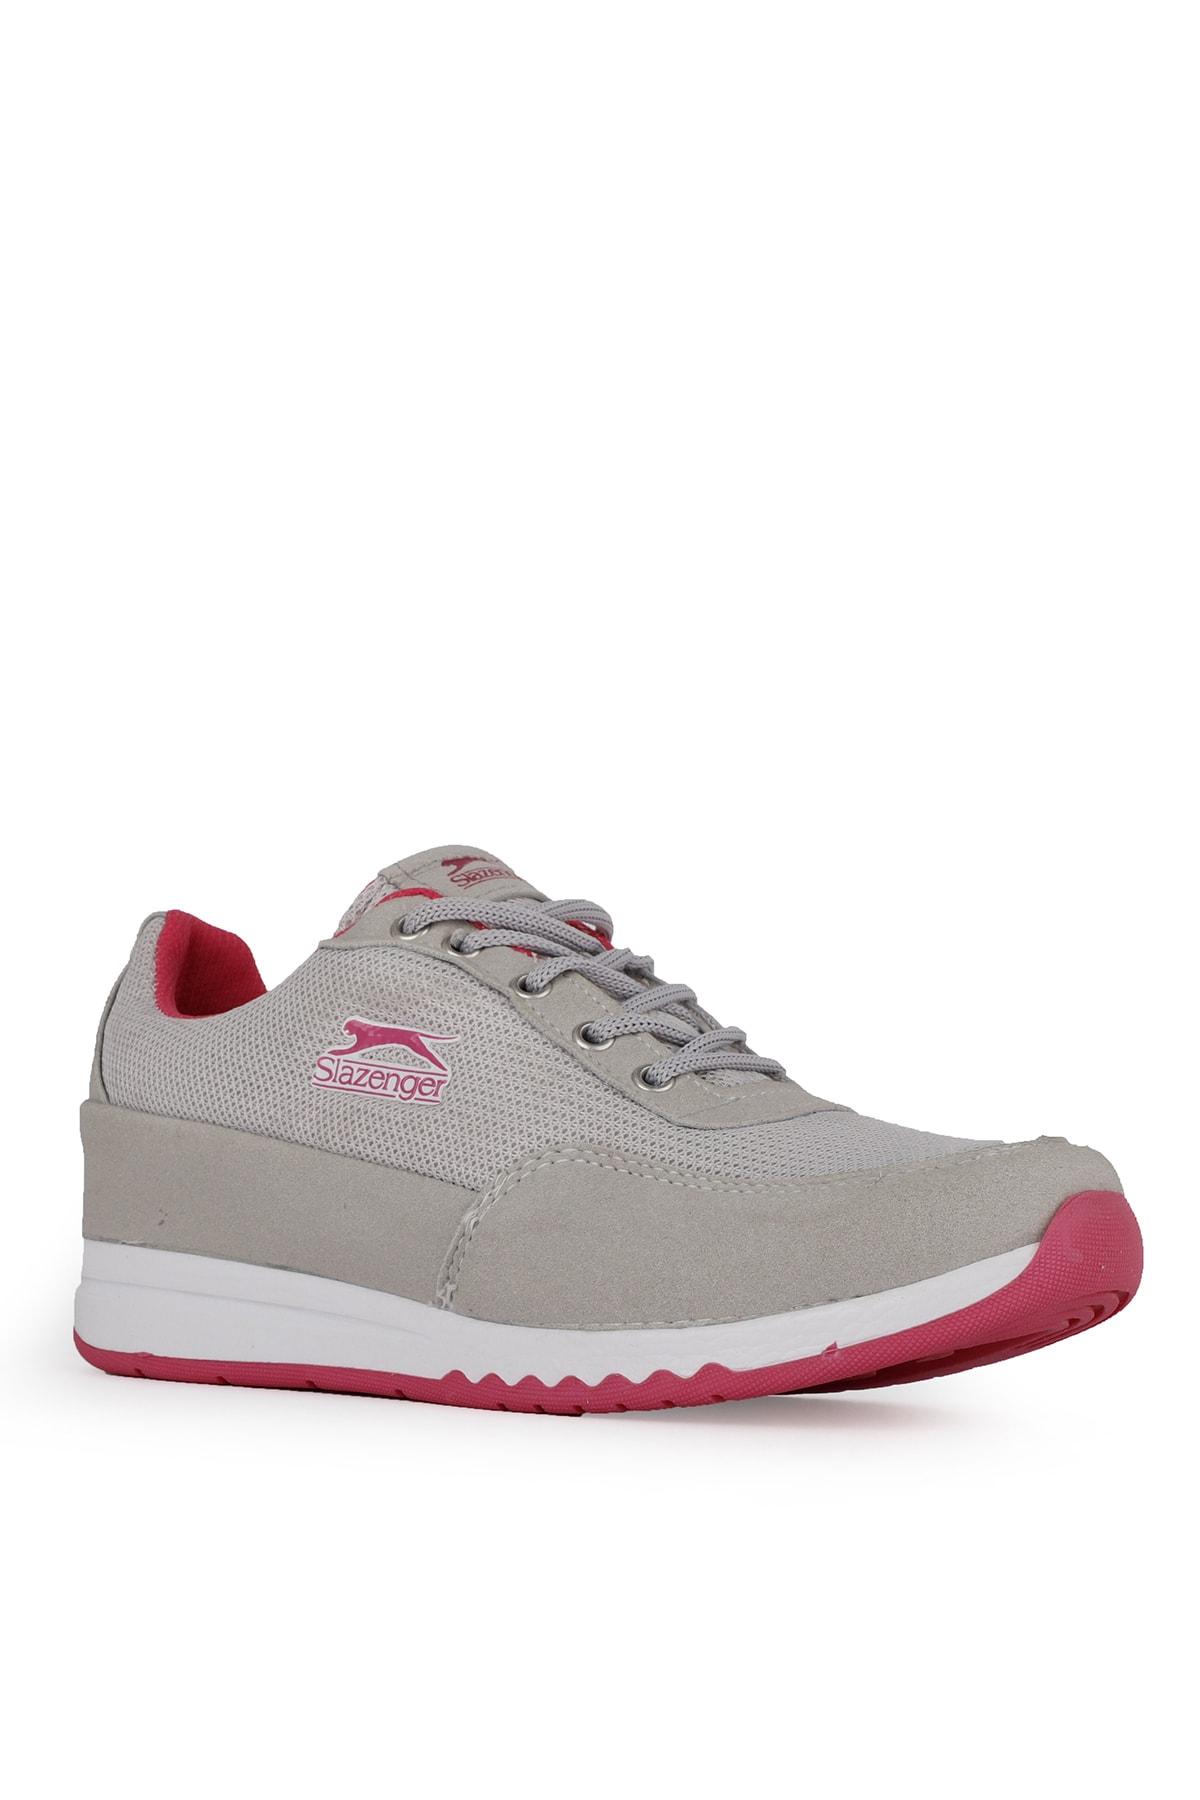 Slazenger Angle Günlük Giyim Kadın Ayakkabı Gri 2